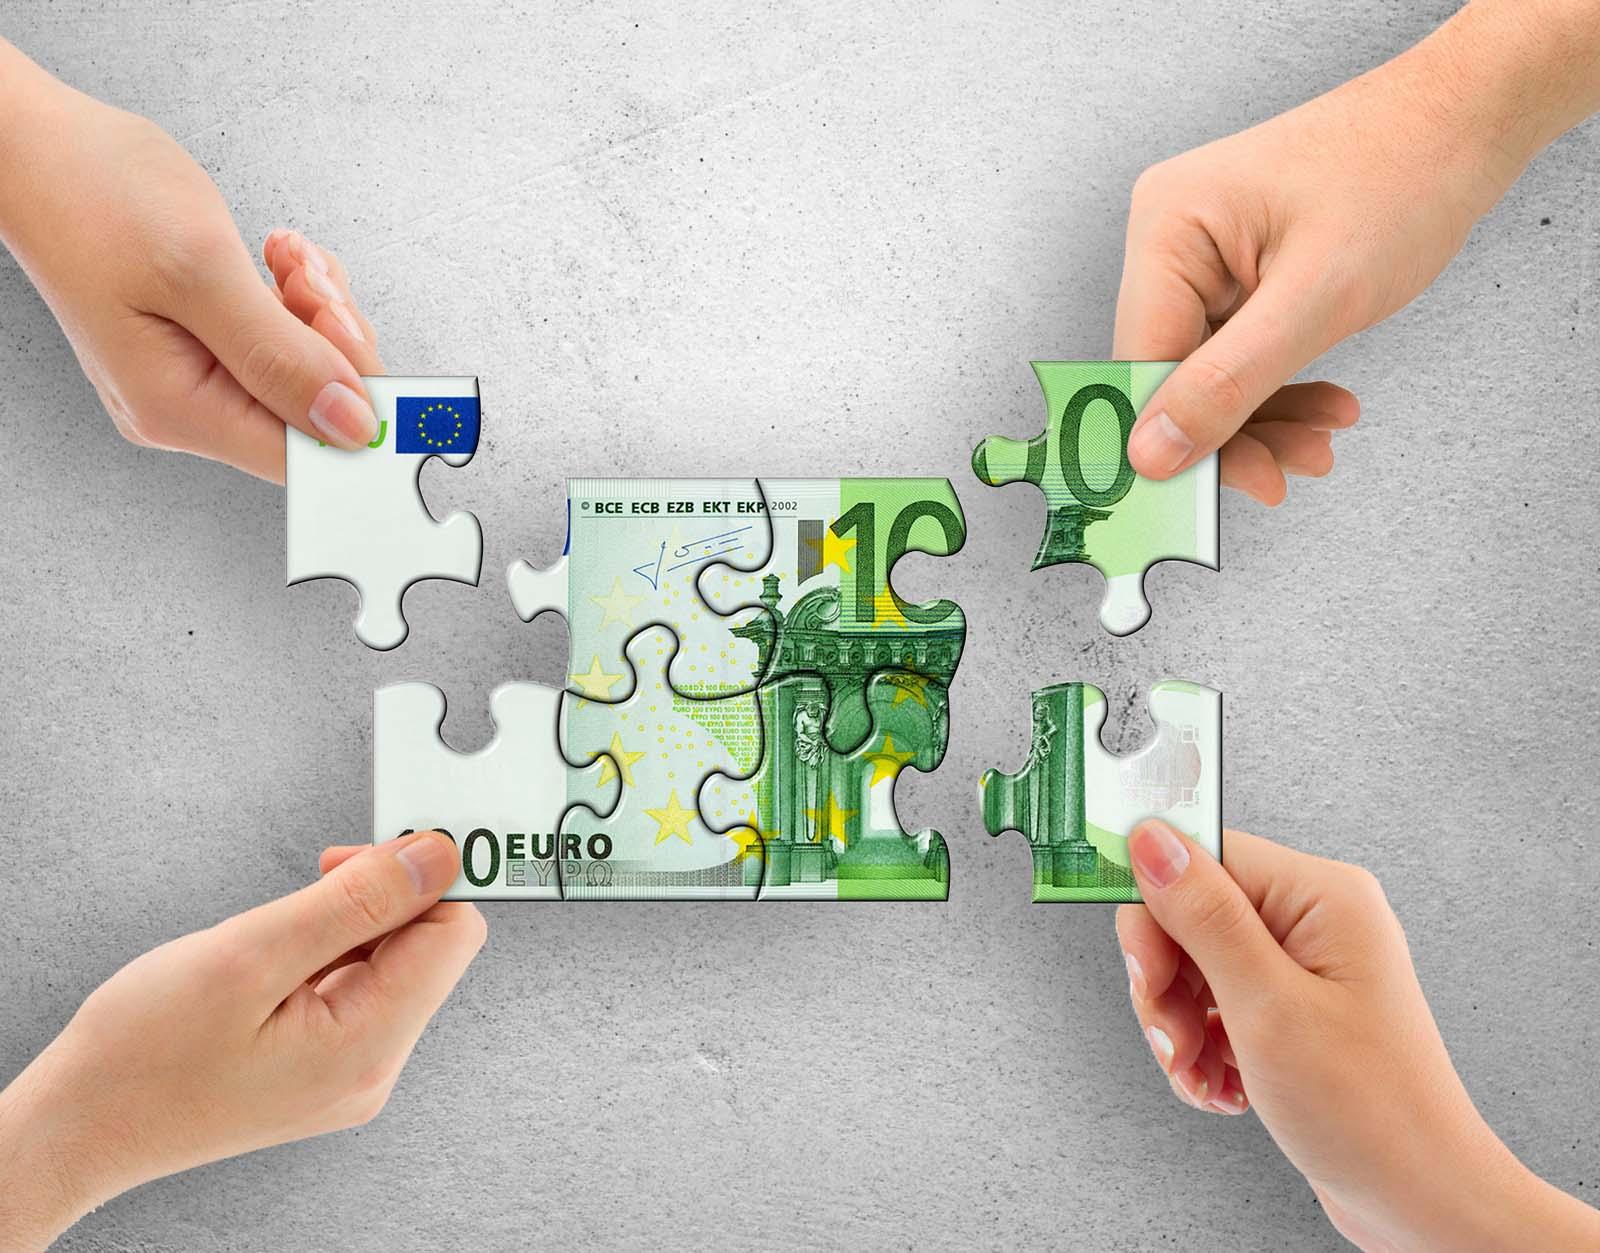 Financement vous avez besoin d aide for Aide de financement